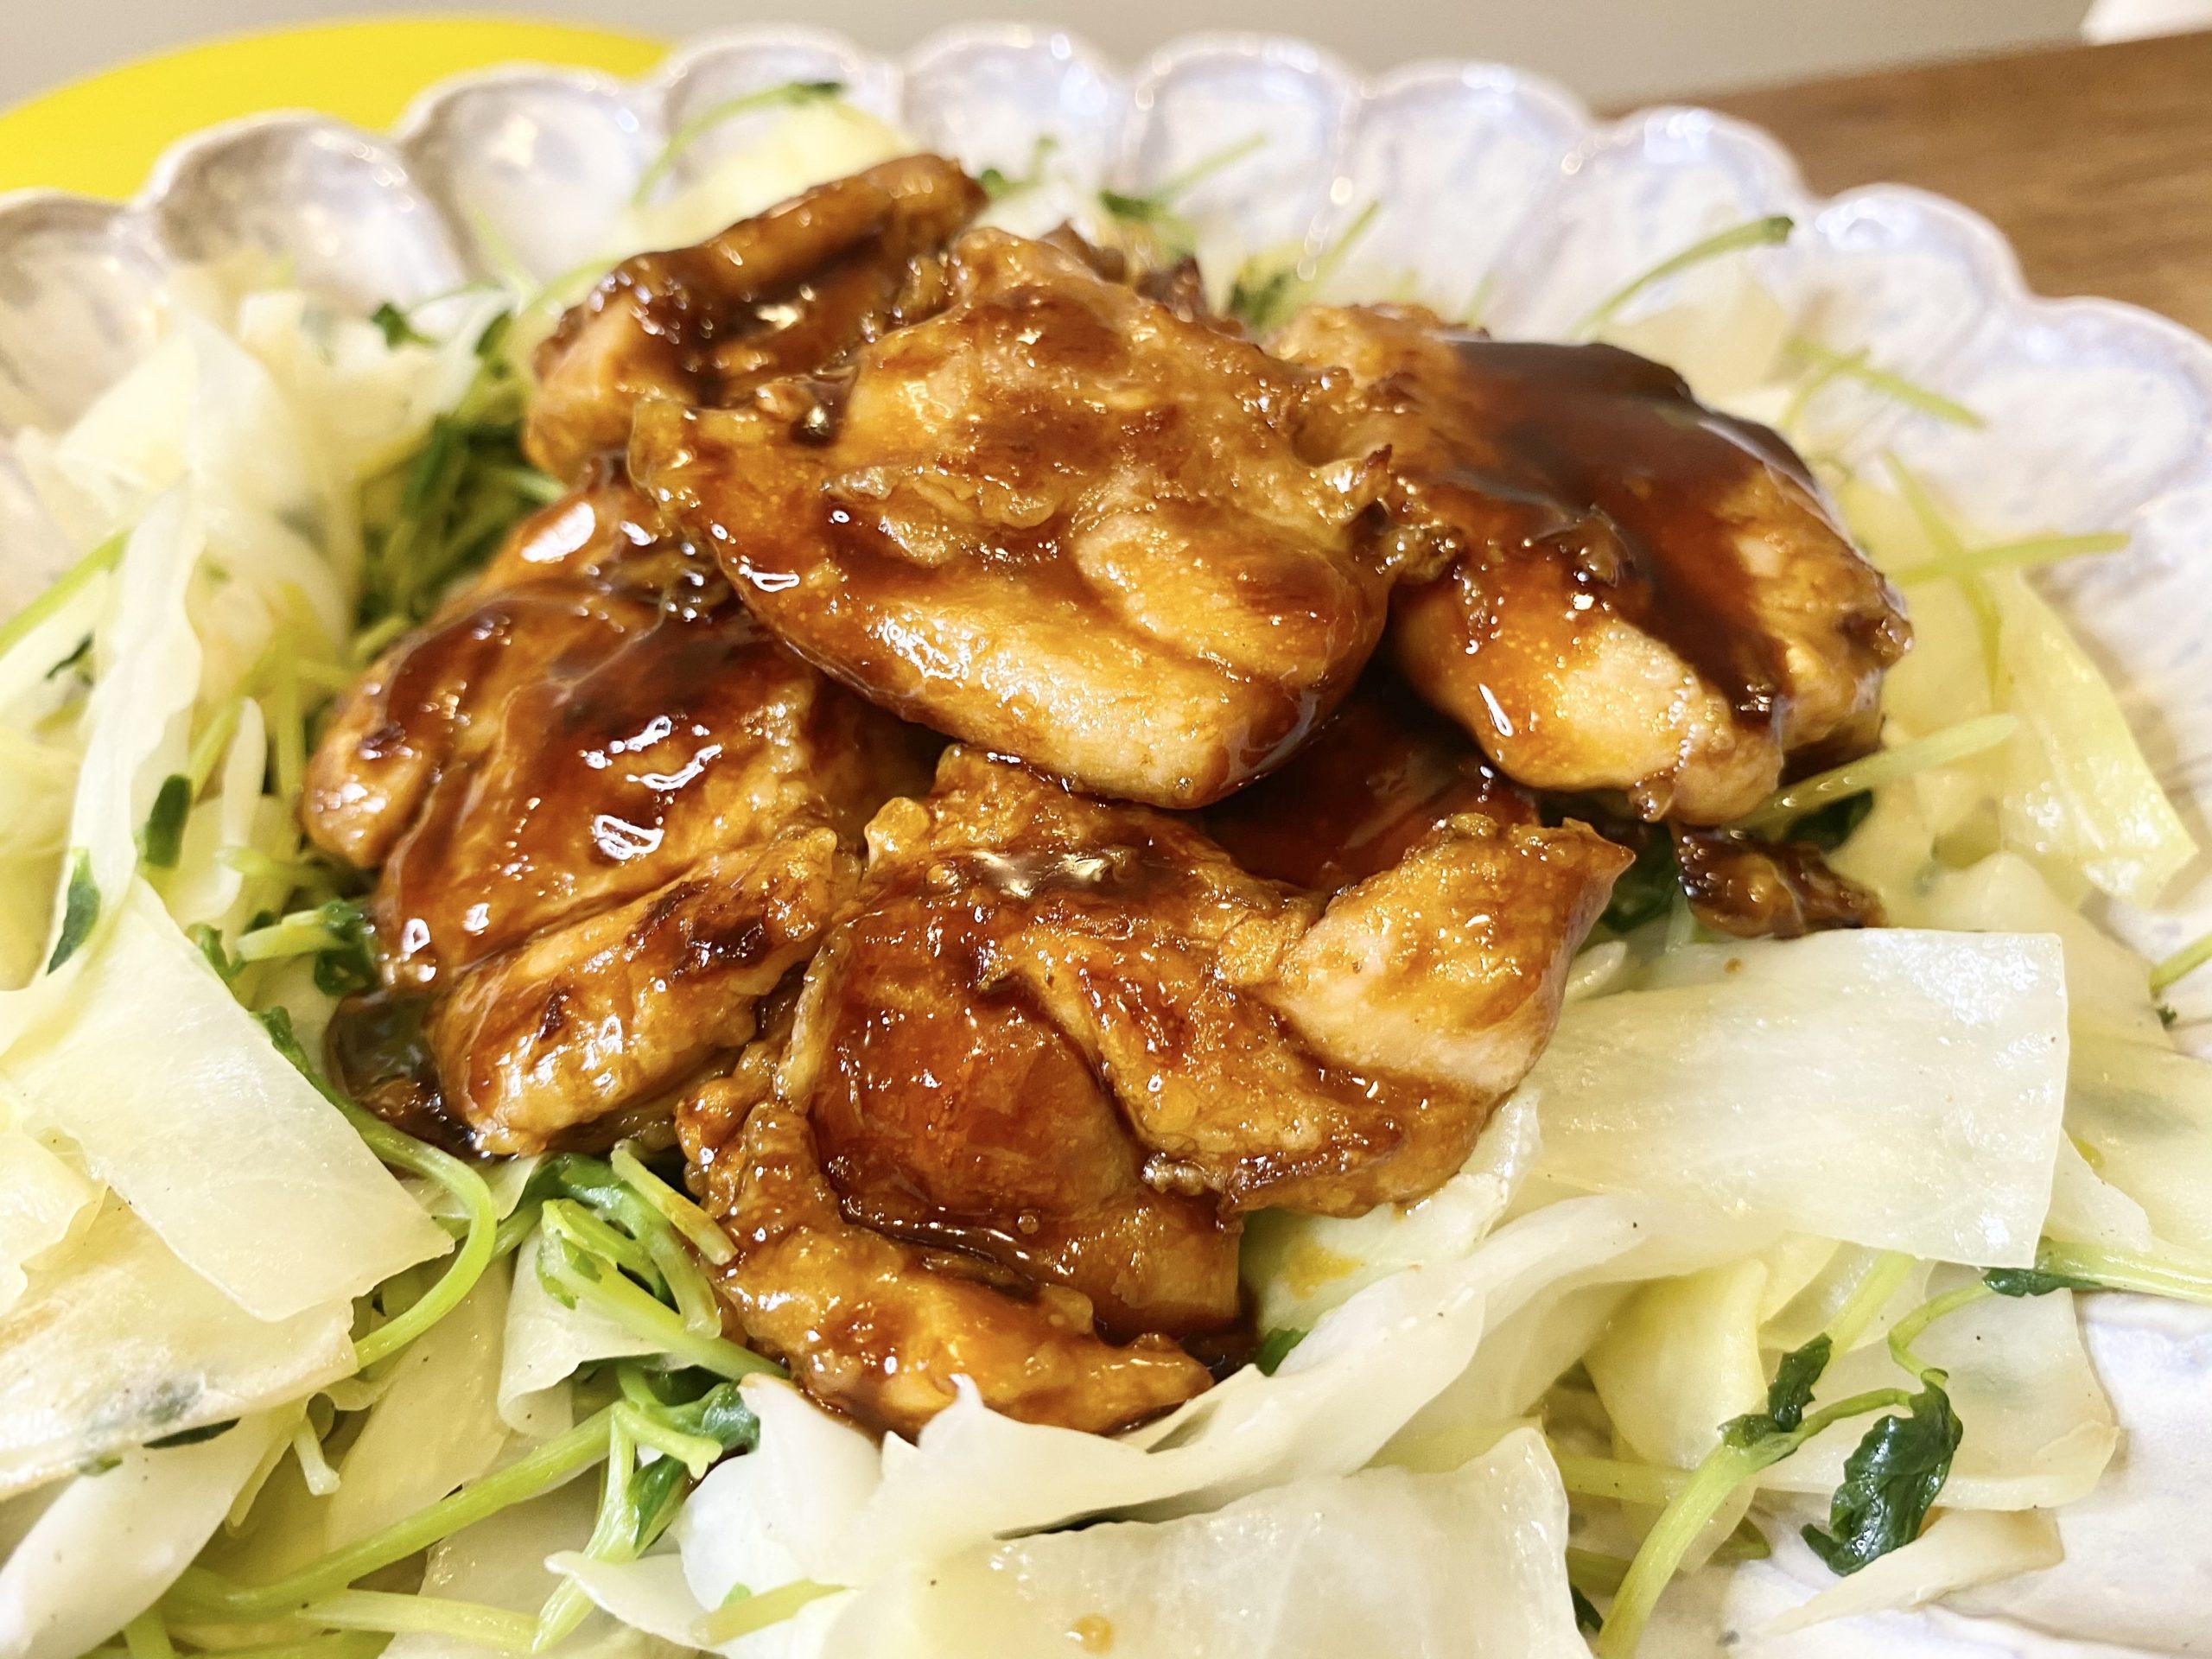 ご飯がススム!「鶏もも肉のオイスターソース炒め」のレシピ